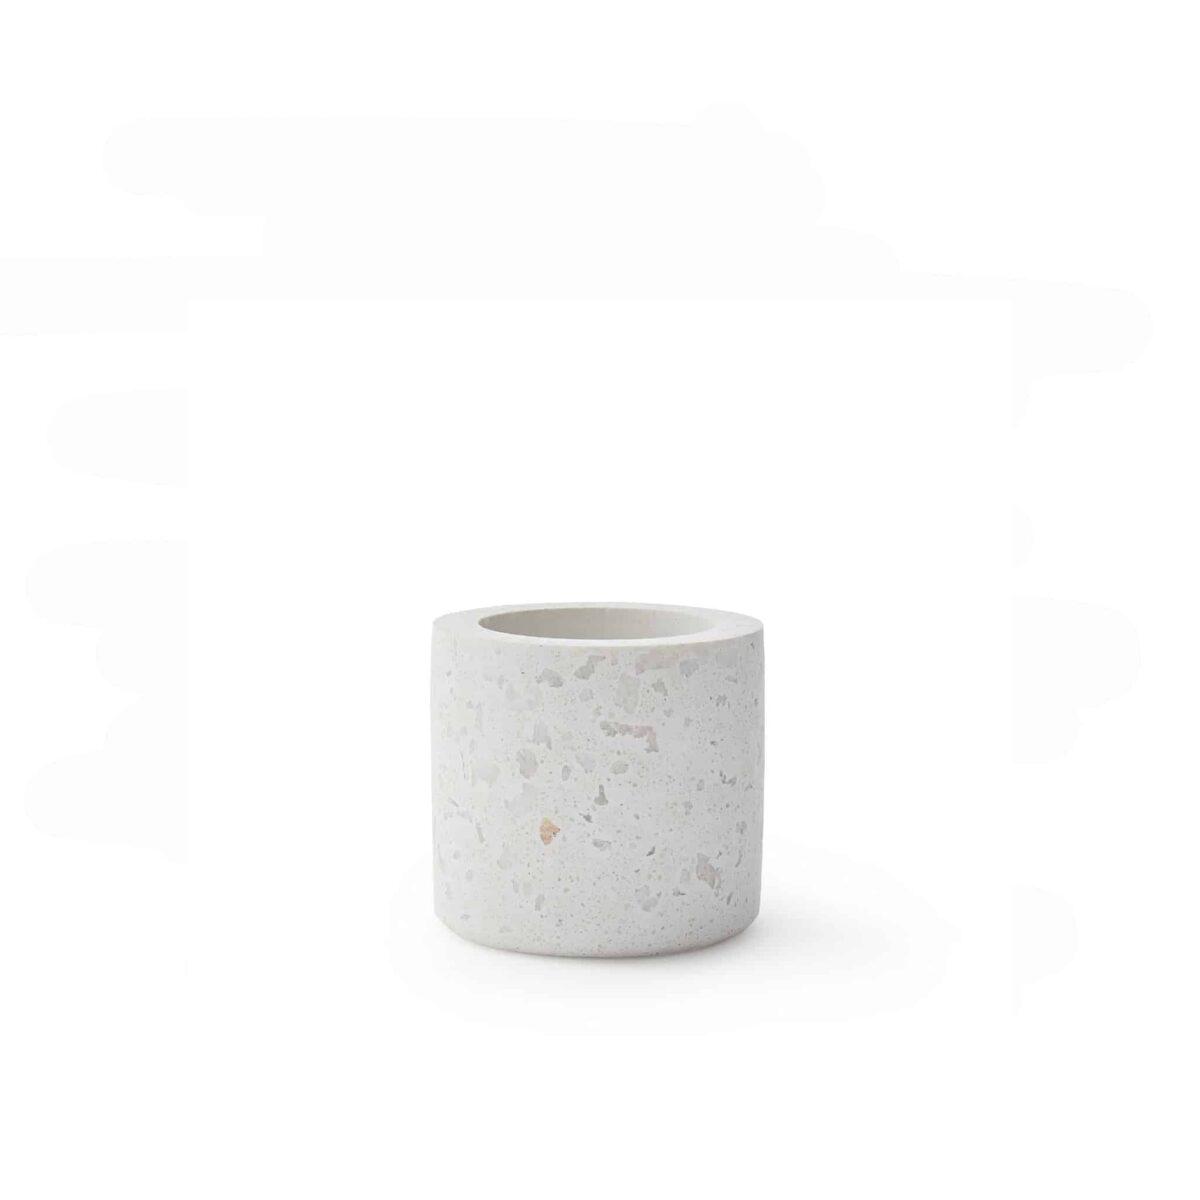 Conpot-Votive-White-001